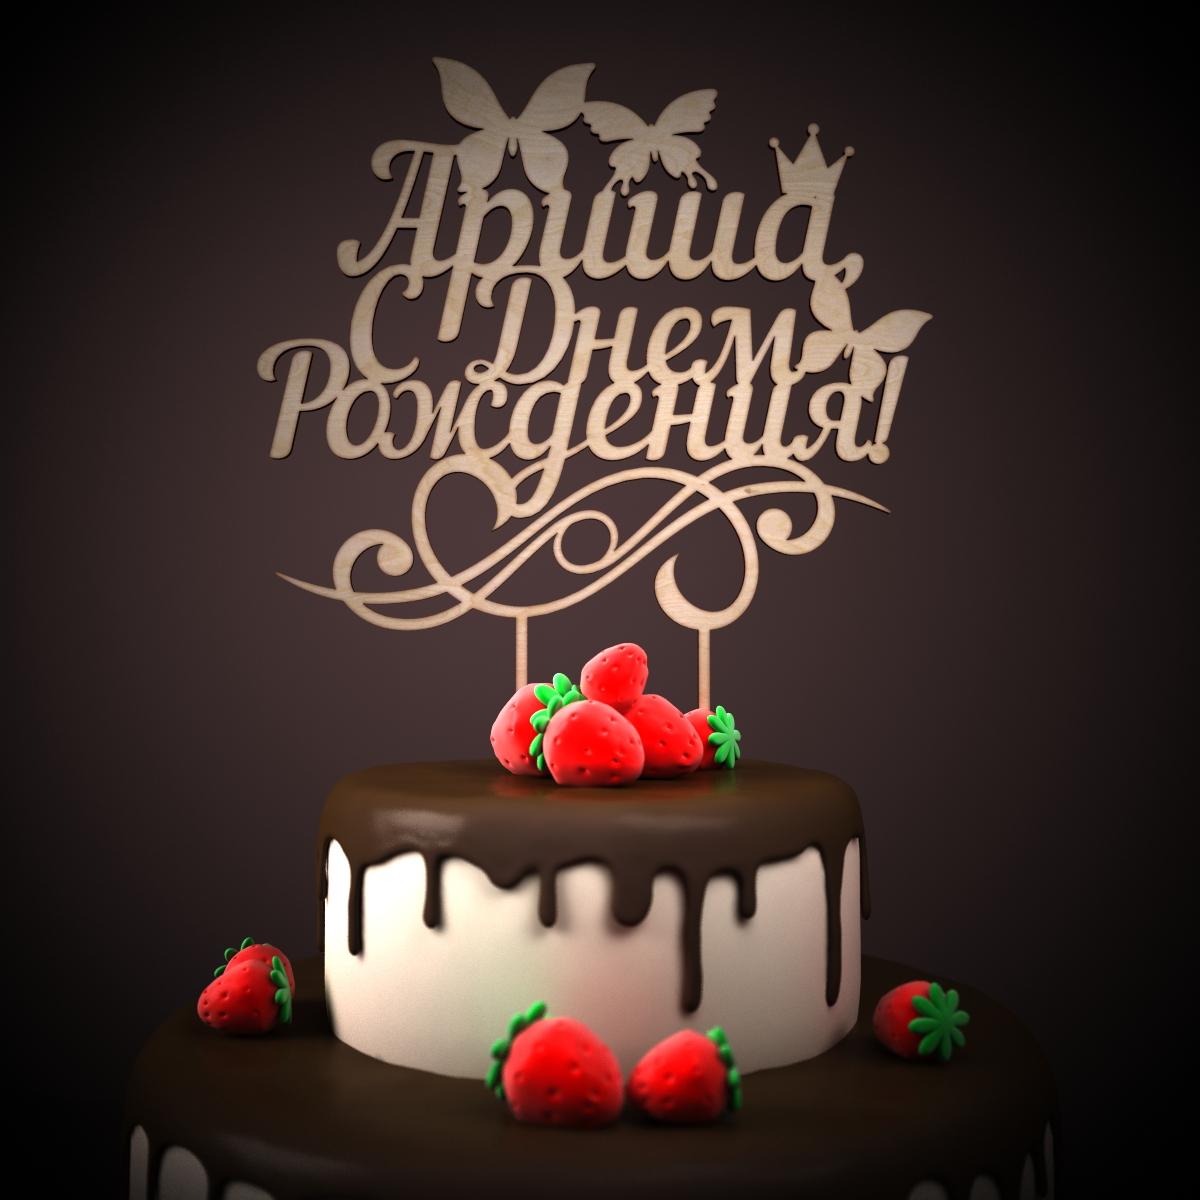 Поздравление на день рождения аделине